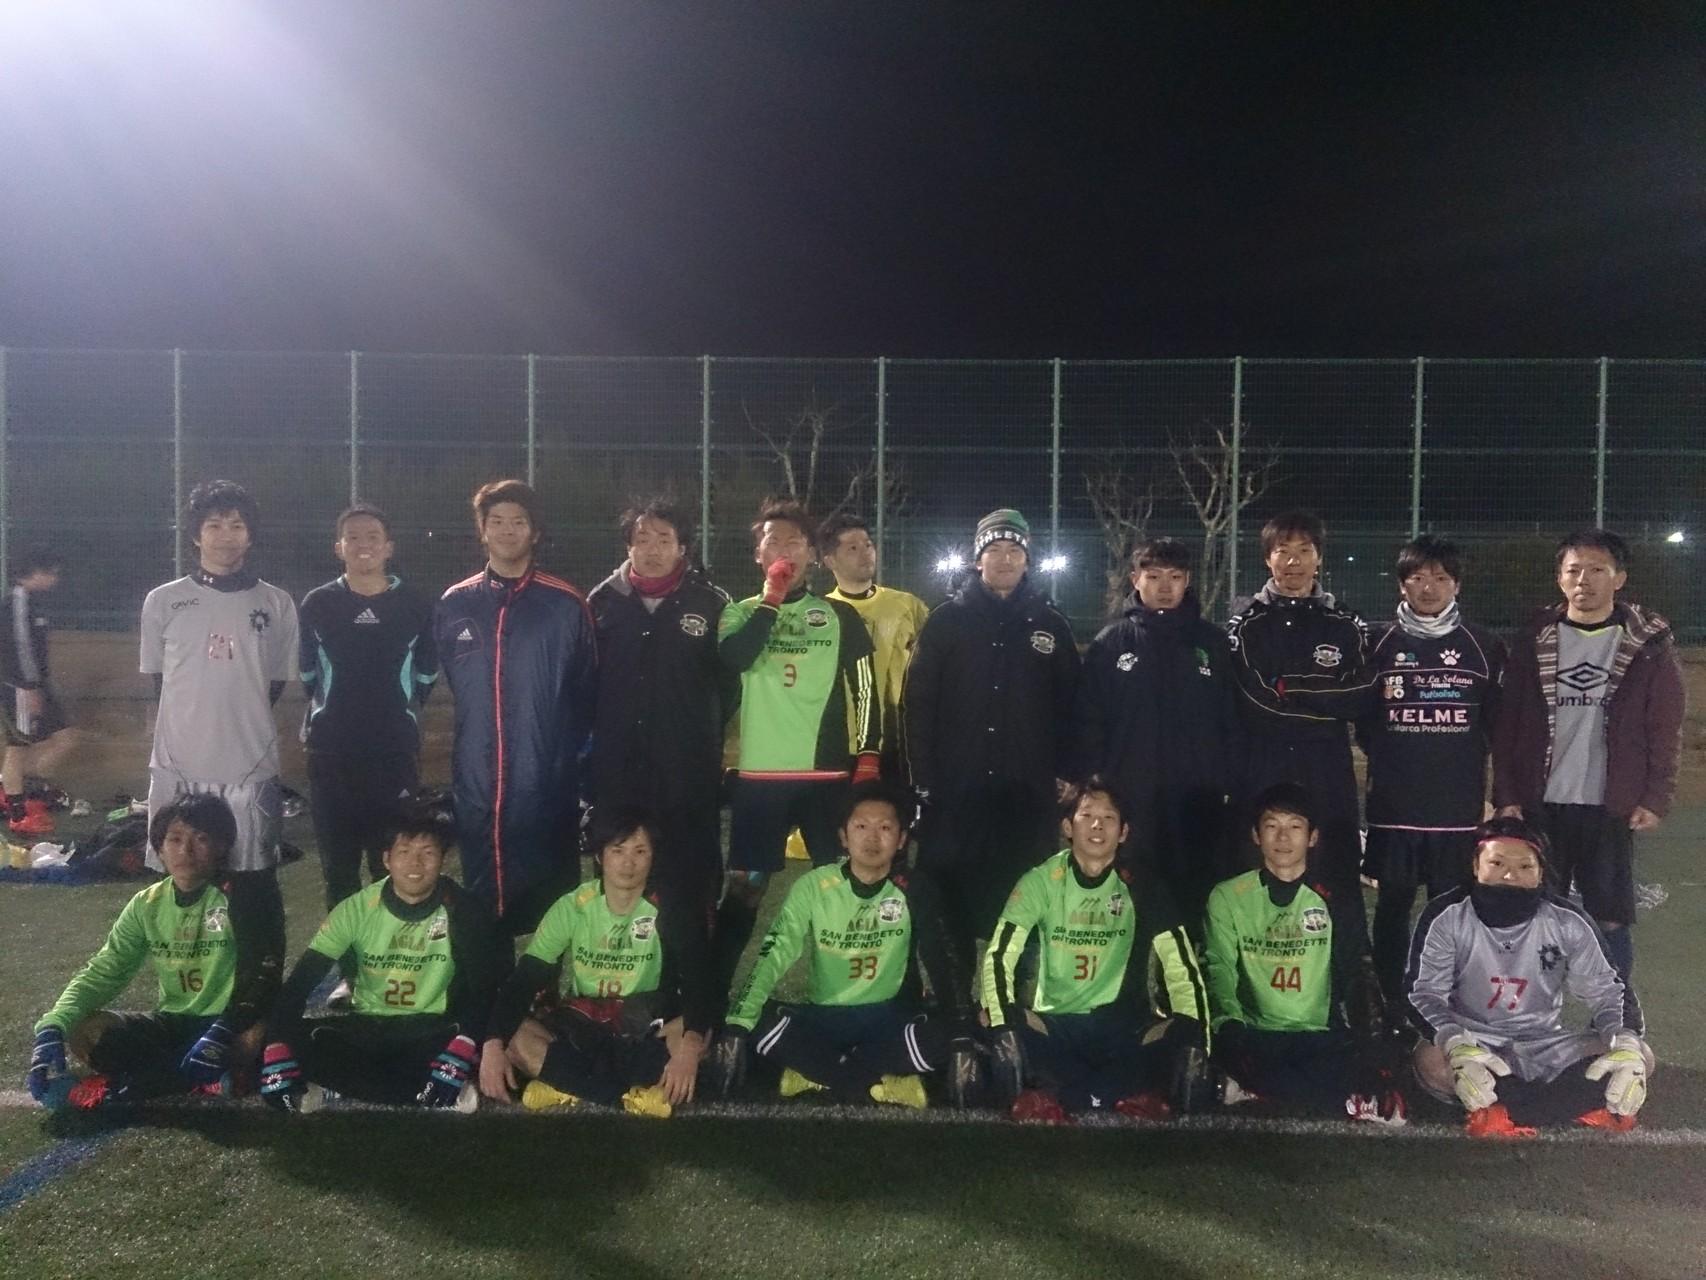 2015/2/8 服部緑地人工芝サッカー場 vs 北摂ユナイテッド